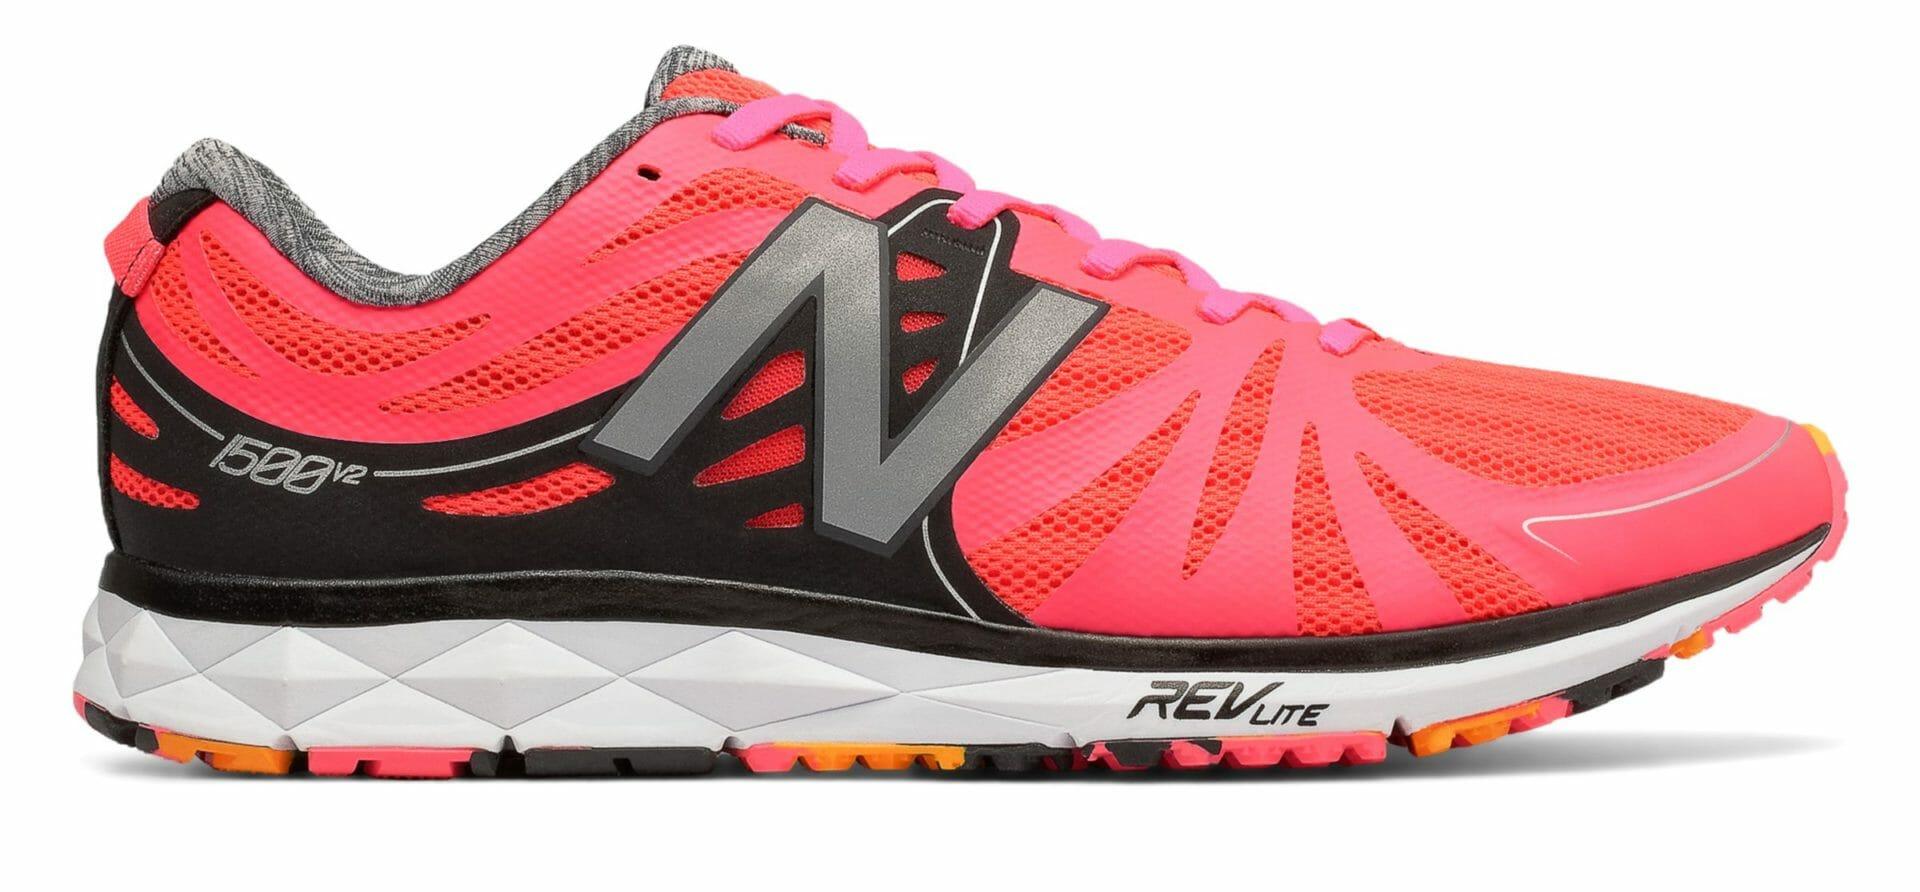 new concept 47850 6f9f8 1500v2 NB Team Elite Men's Running Shoes - M1500OL2